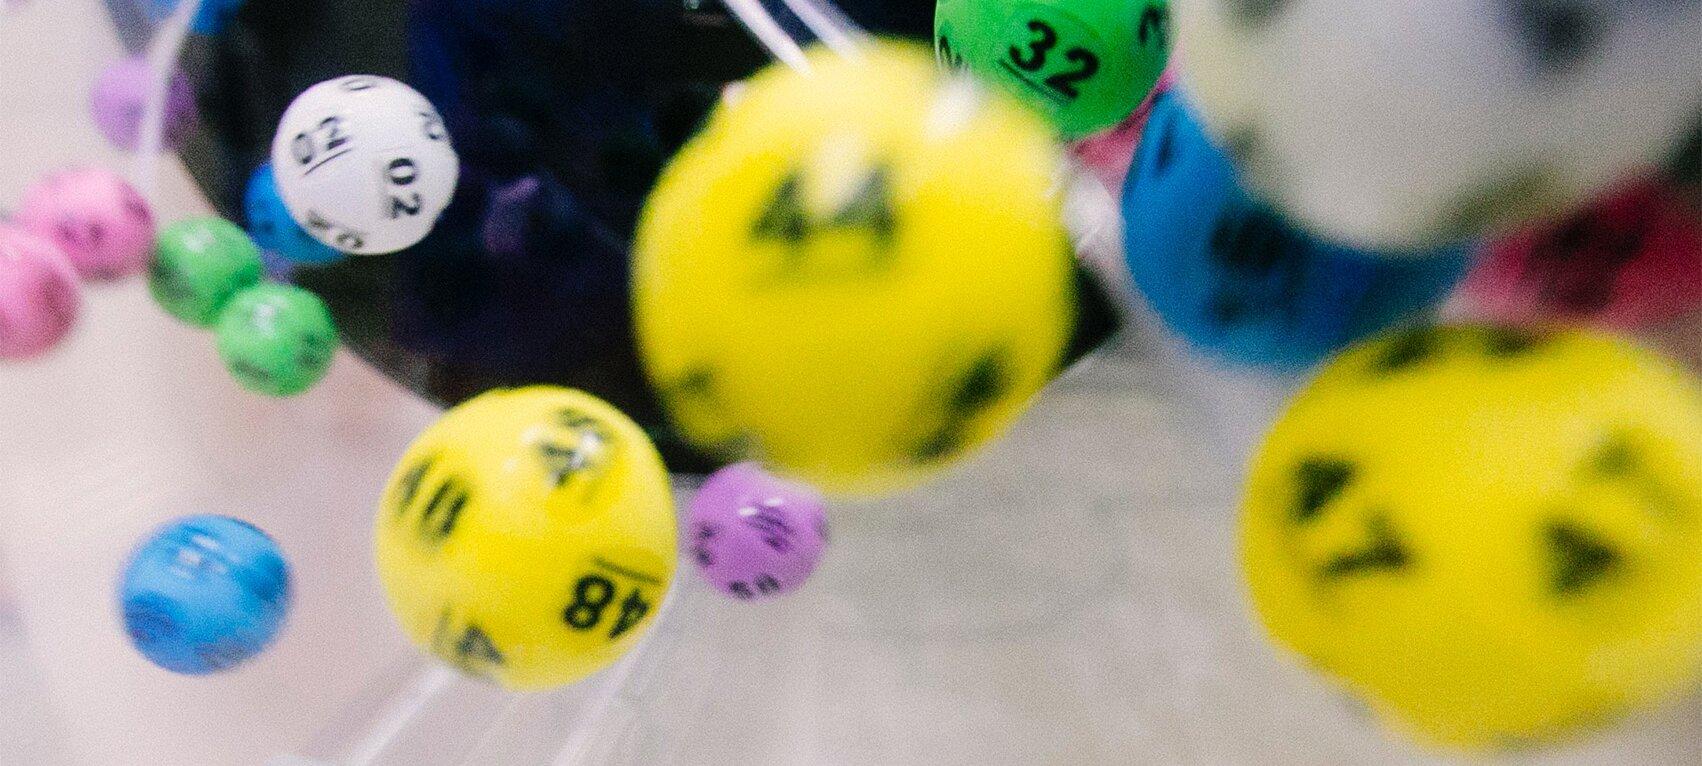 https://www.gambleonline.co/app/uploads/2021/04/lottery-numbers-1-1.jpg